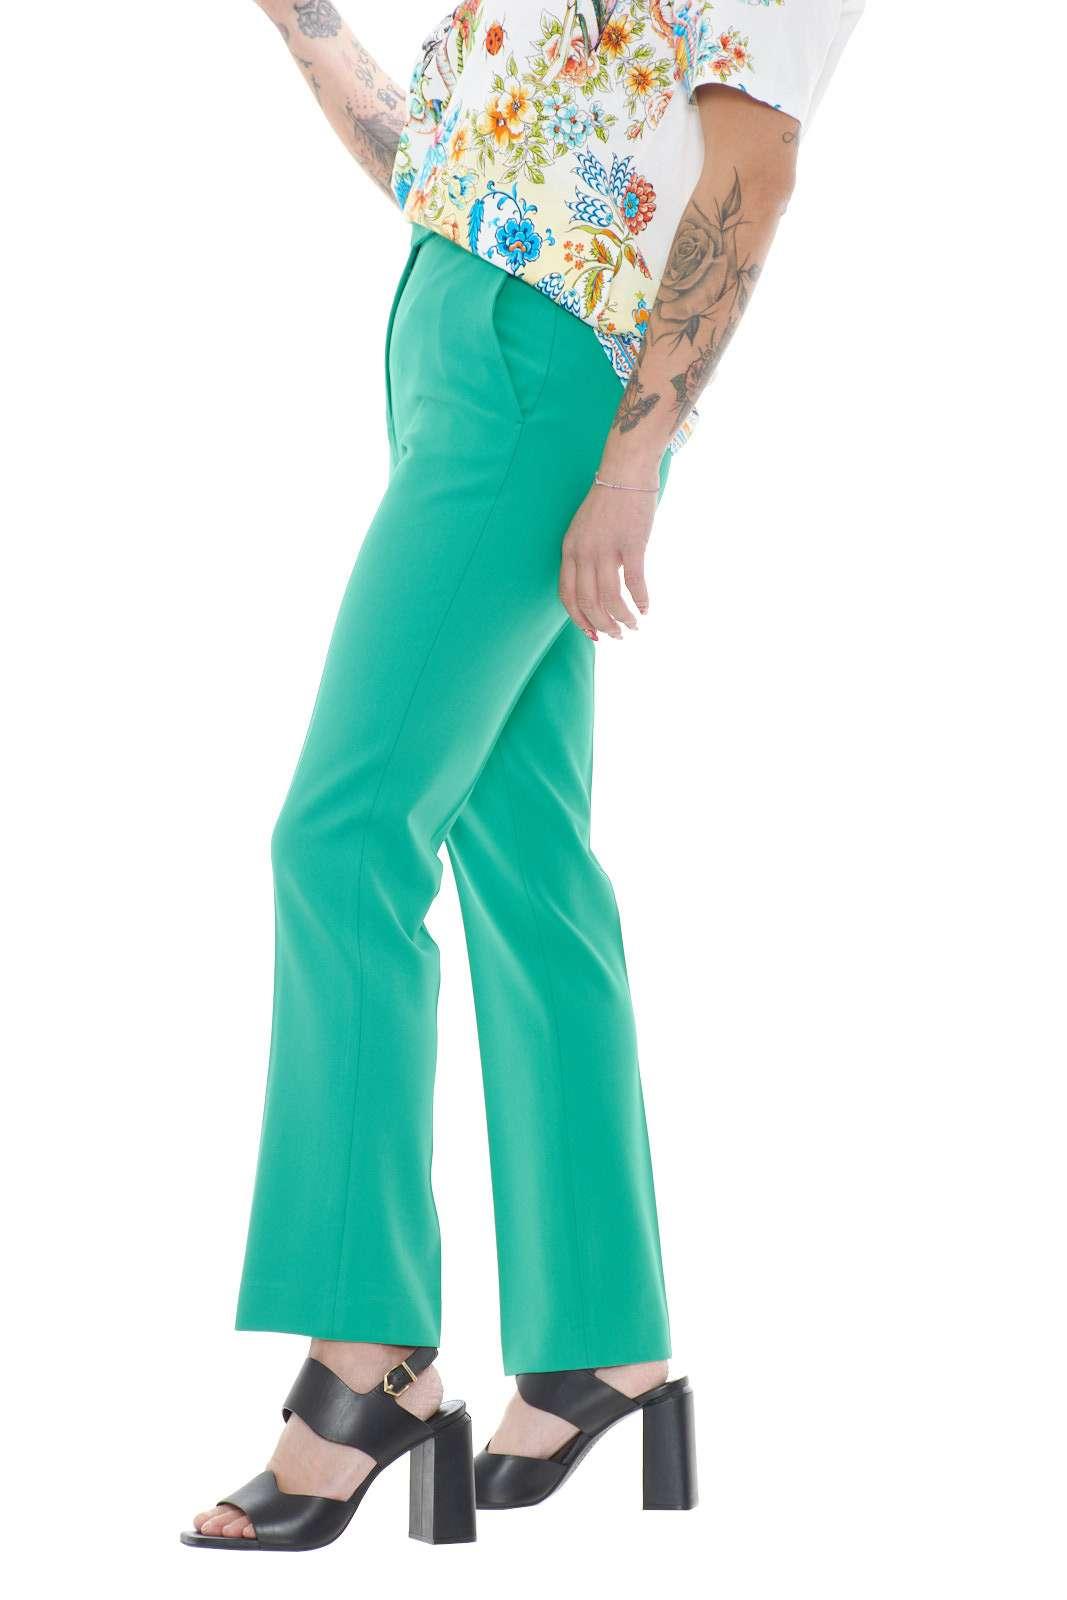 Un pantalone in crepe quello firmato dalla new collection Etro donna. Da indossare nelle occasioni più formali, è perfetto abbinato con un top e un tacco alto, per unire eleganza e stile.